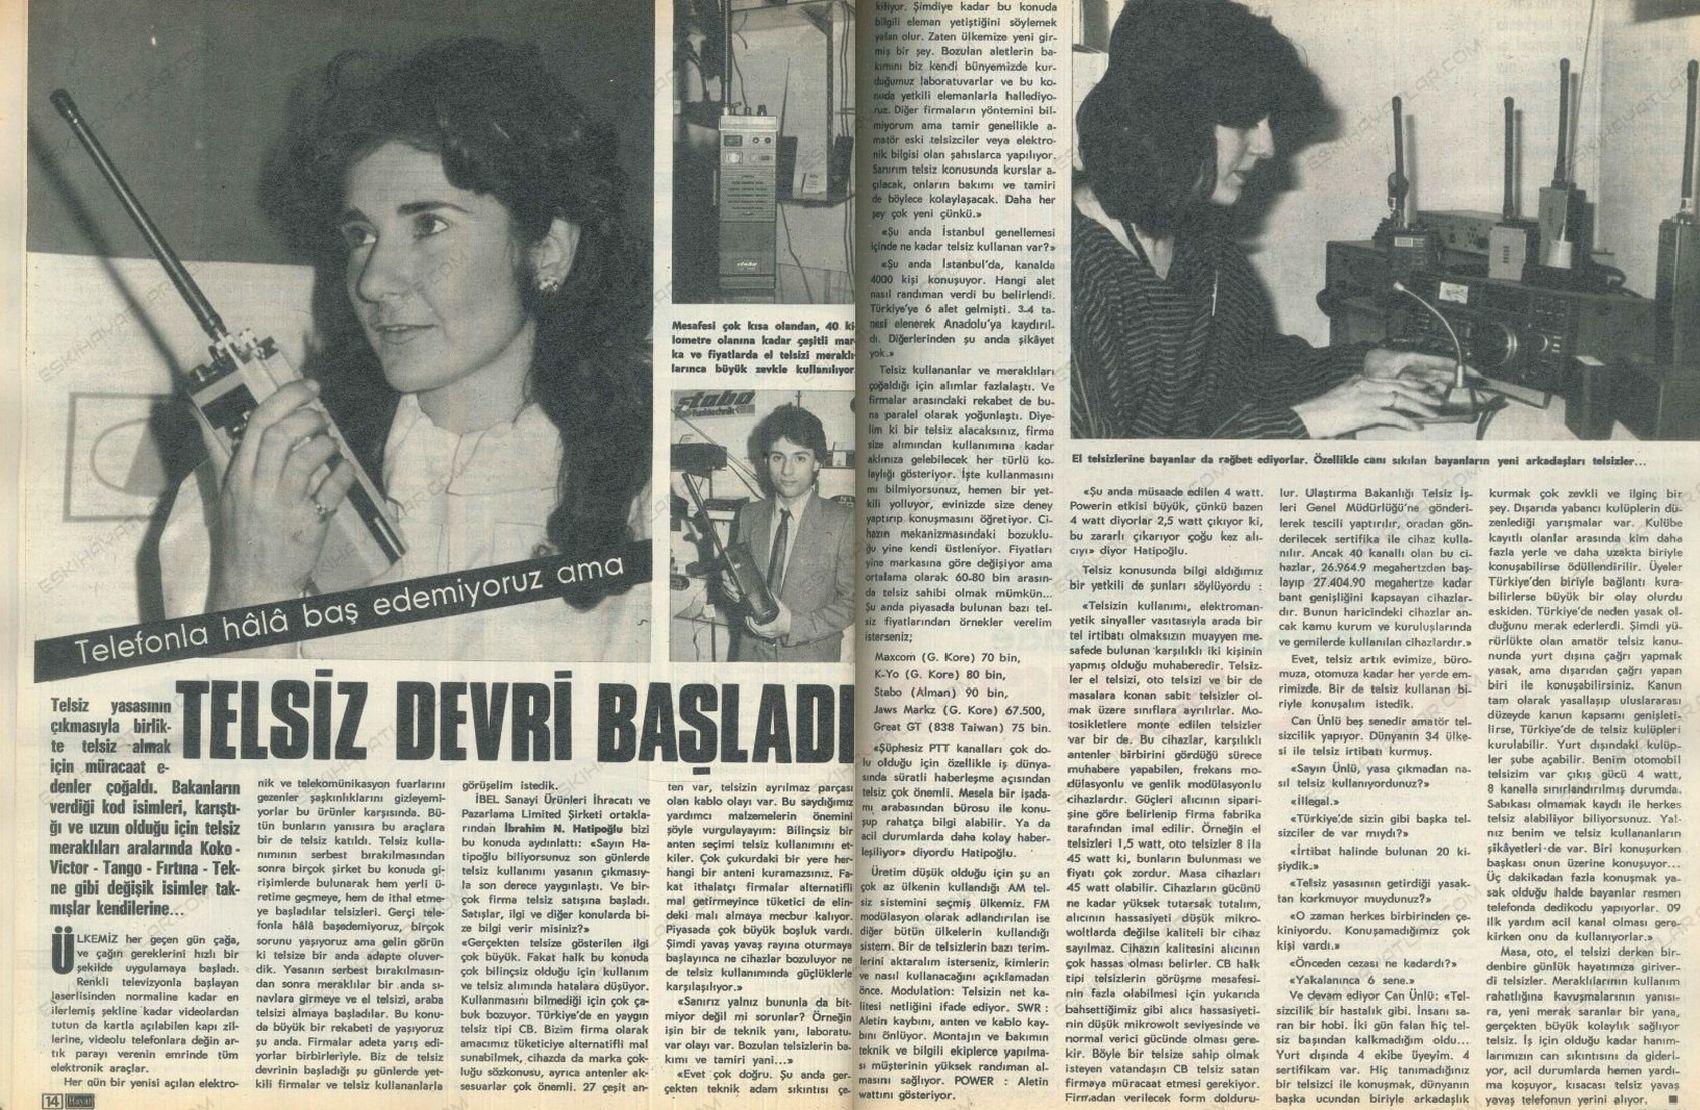 0351-telsiz-ile-arkadas-aramak-1985-yili-hayat-dergisi (3)